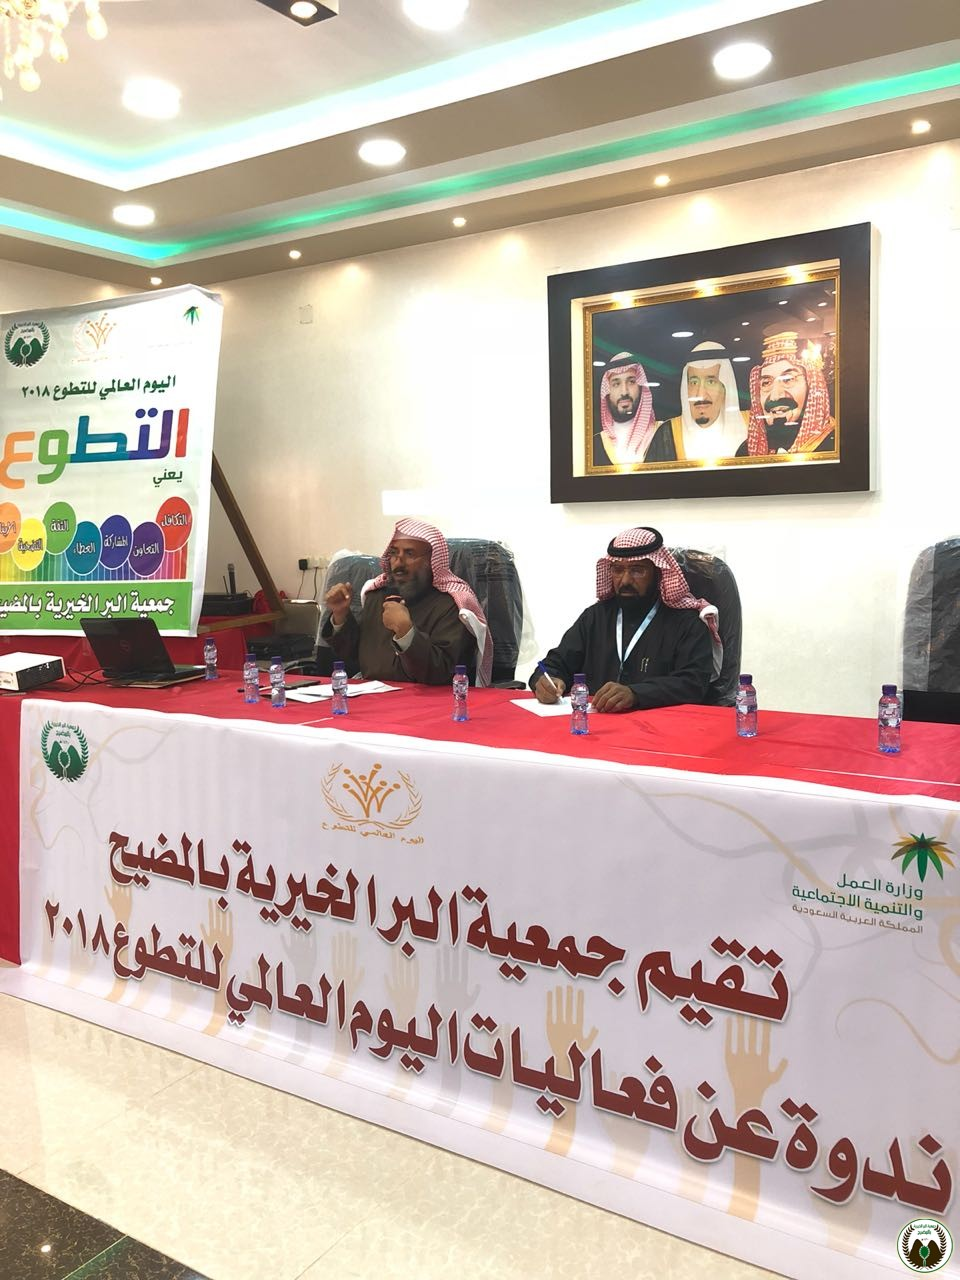 جمعية البر الخيرية بالمضيح تقيم ندوة بمناسبة اليوم العالمي للتطوع 2018 م